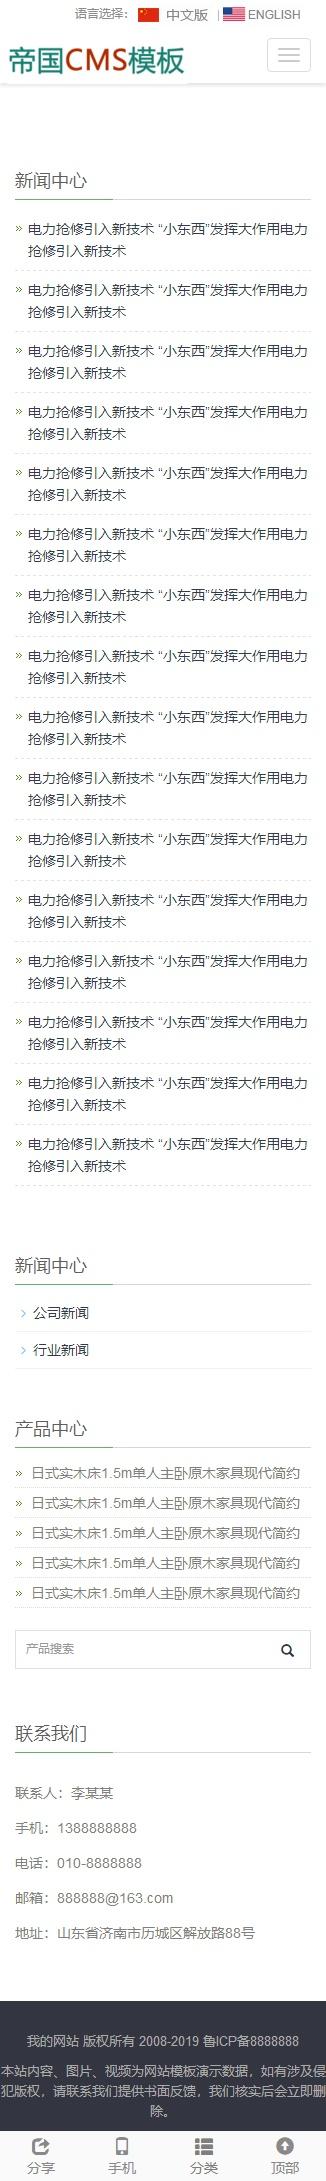 帝国cms自适应响应式中英文双语公司企业通用网站模板_手机版新闻列表页